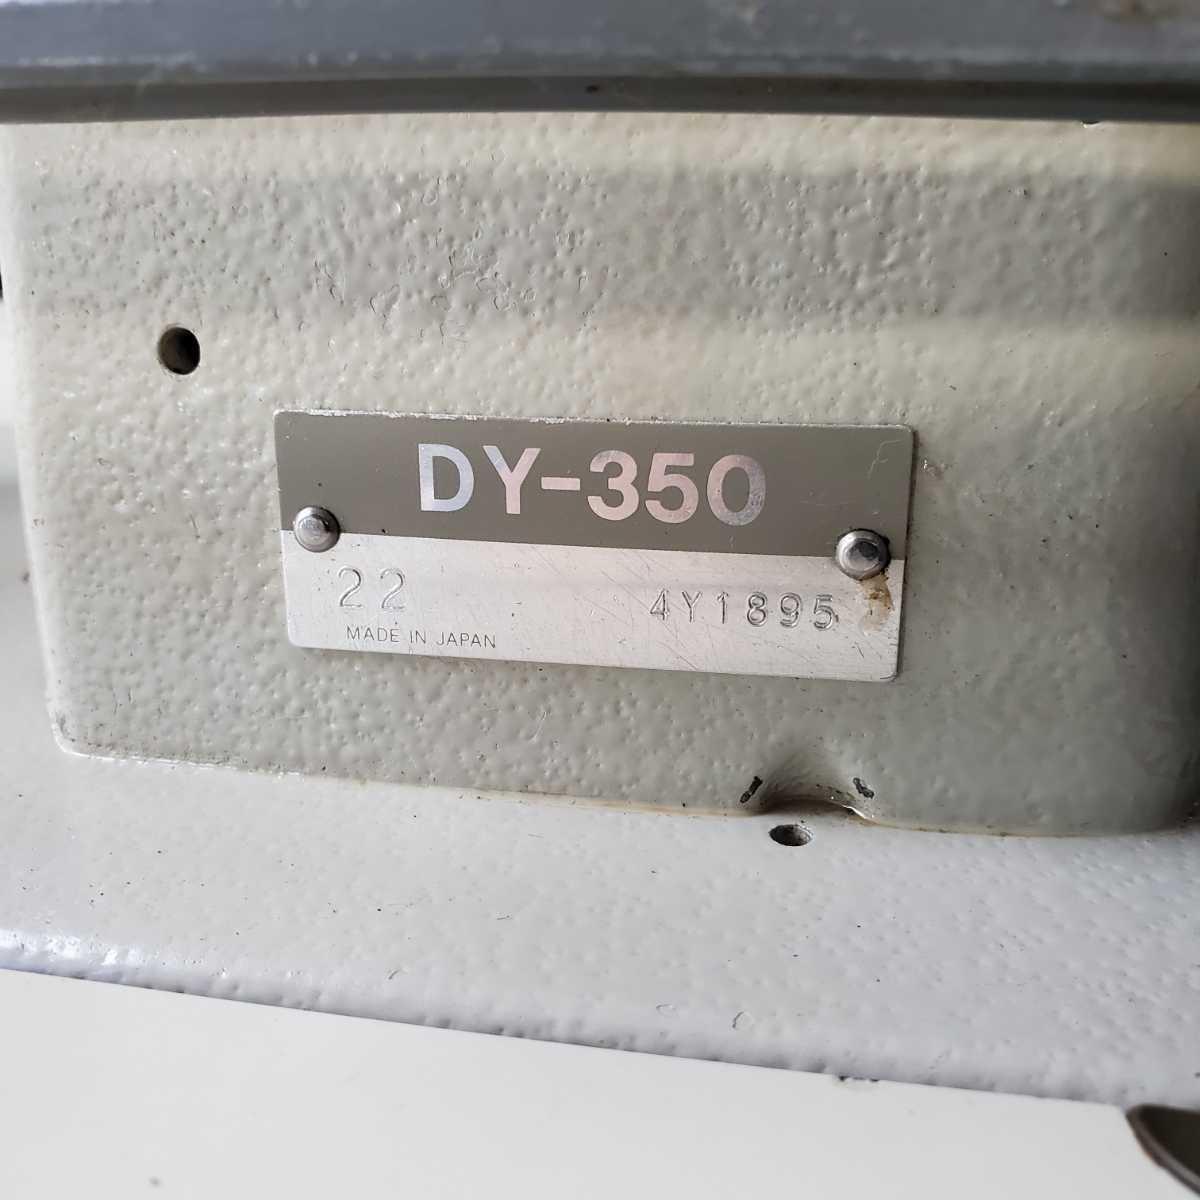 工業用ミシン、革、レザー、テント、シート、その他厚物縫いミシン、三菱MITSUBISHI 上下送り倍釜ミシンDY-350 !整備済み品、綺麗!_画像5